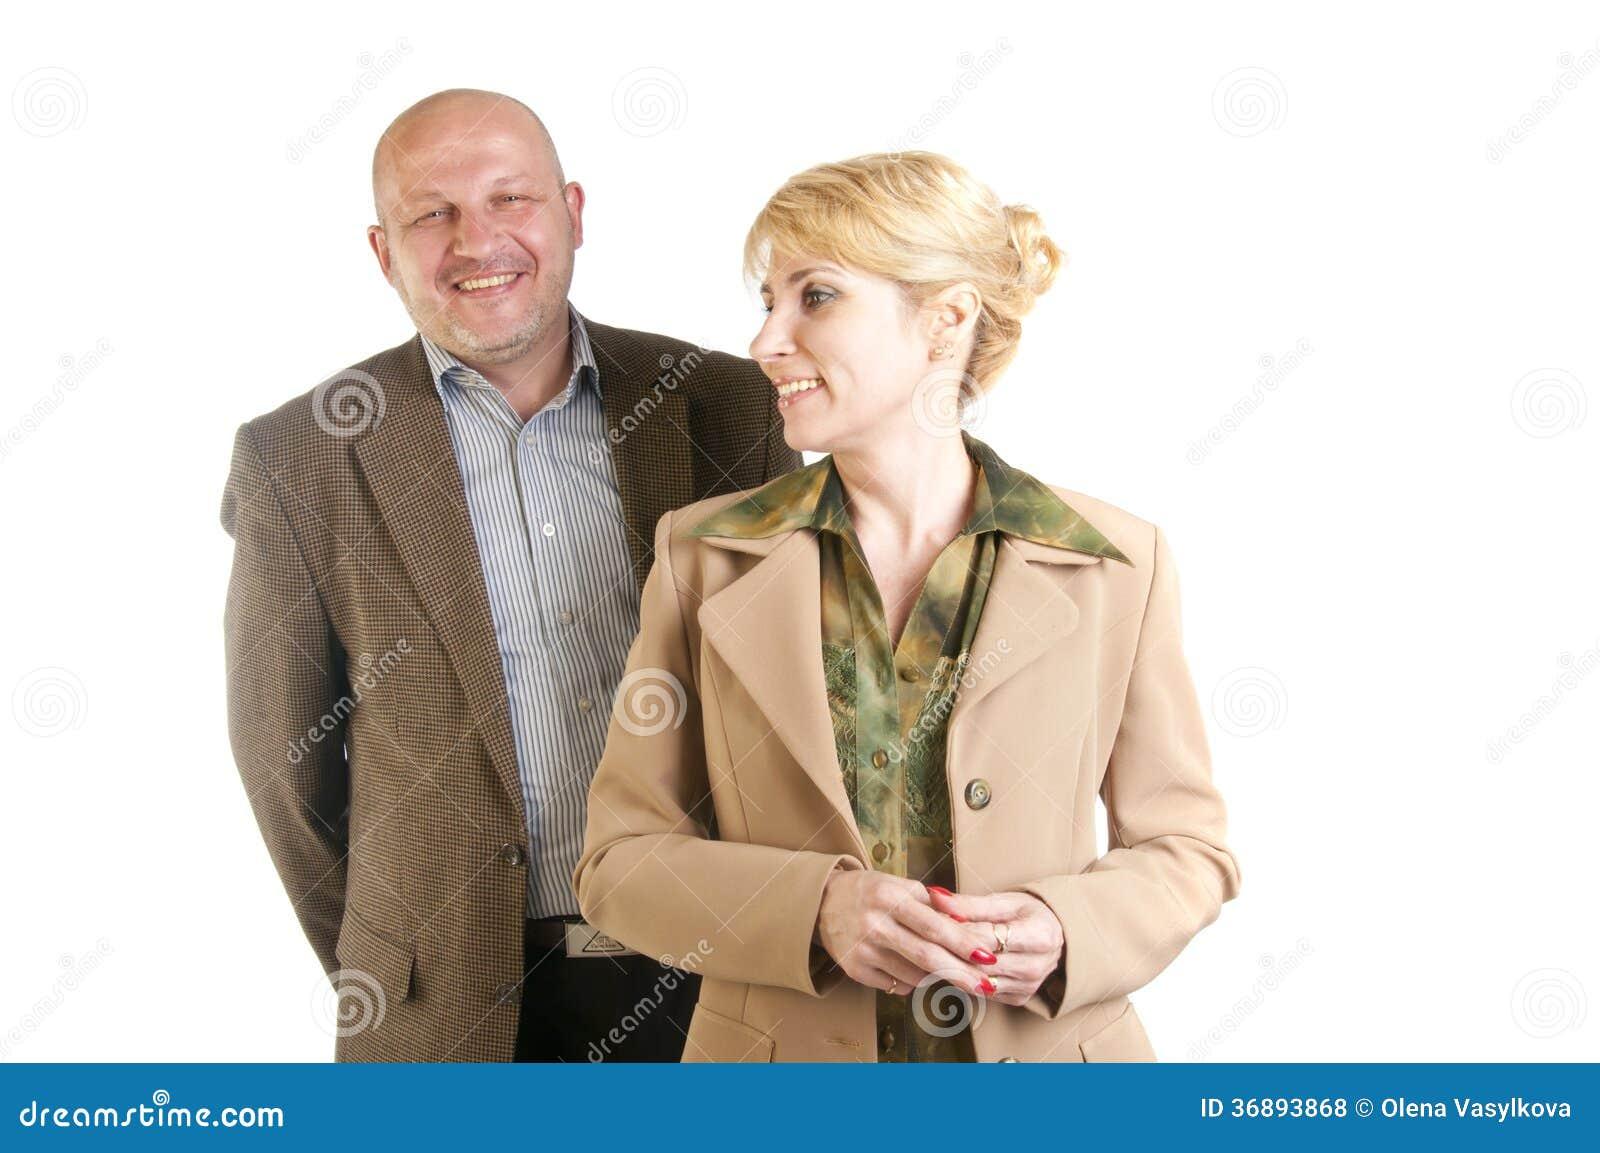 Download Un Ritratto Di Due Genti Di Affari Fotografia Stock - Immagine di finanziario, collare: 36893868